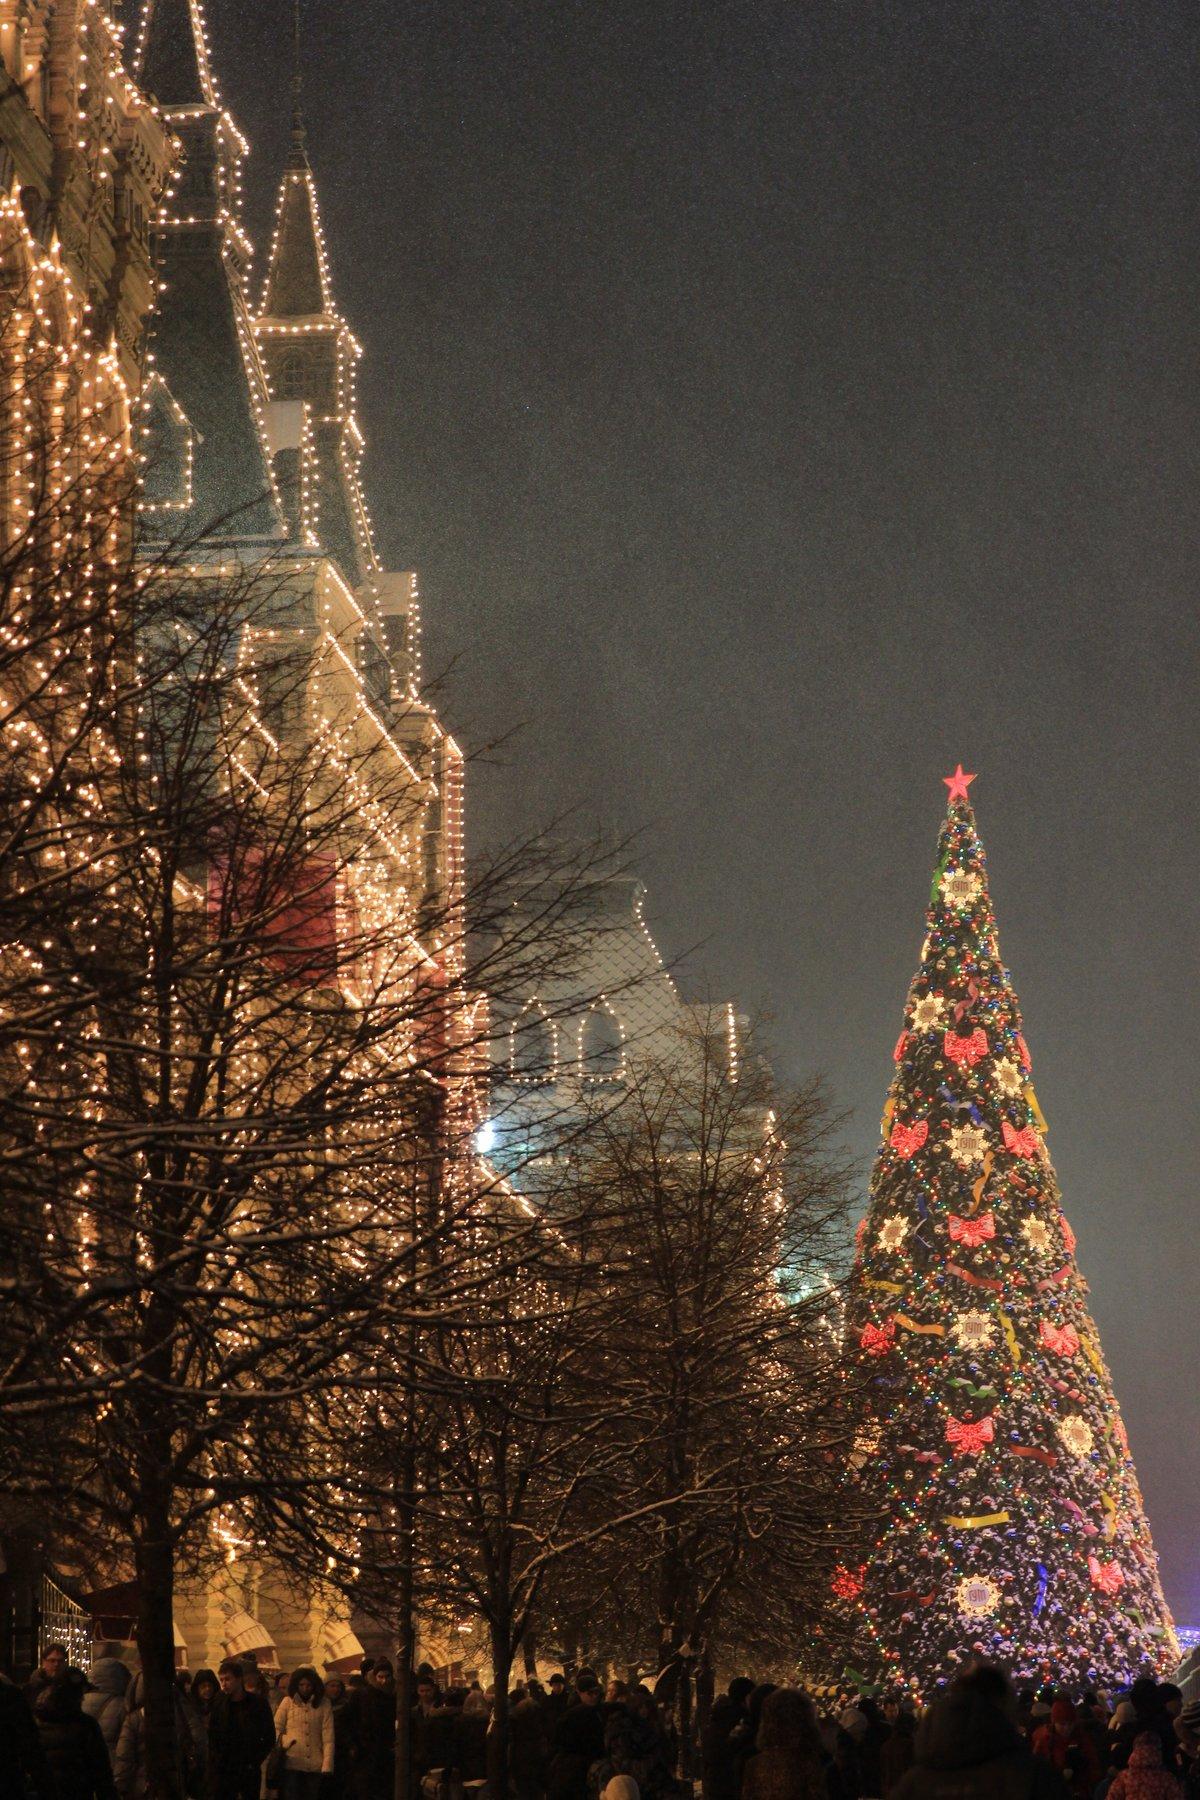 фото елки новогодней по районам москвы трижды